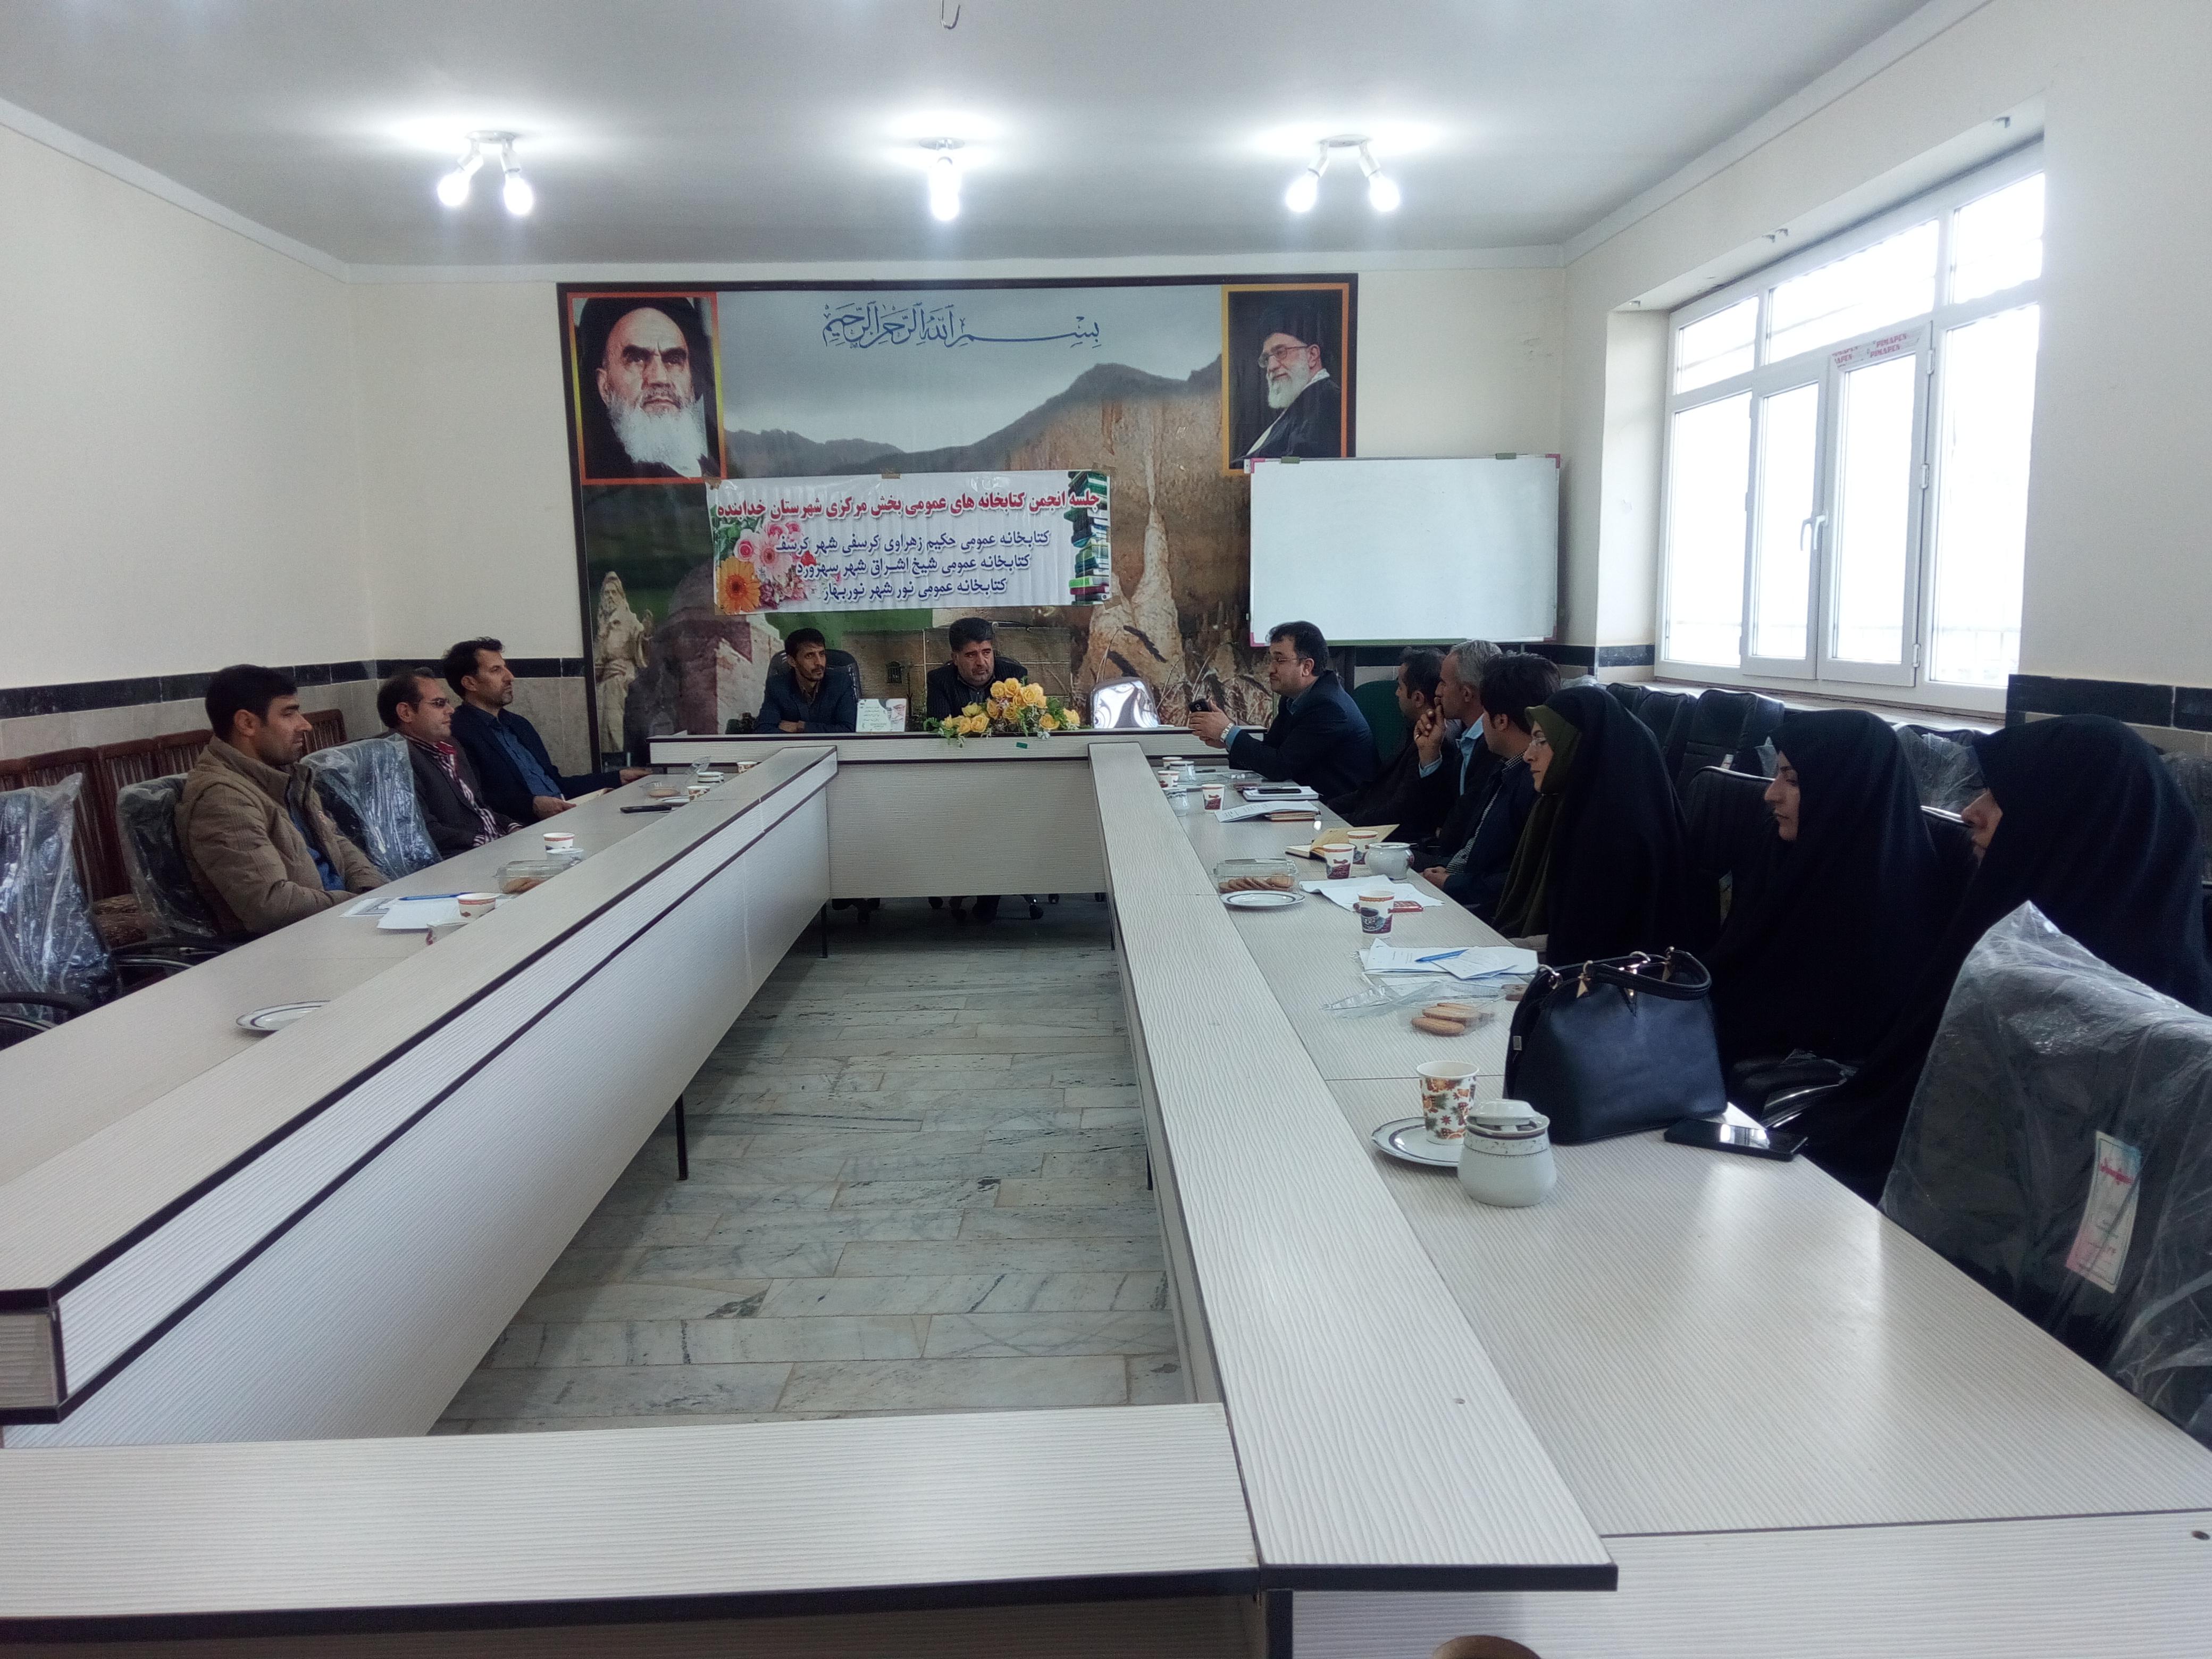 دومین جلسه انجمن کتابخانه های عمومی بخش مرکزی برگزار شد